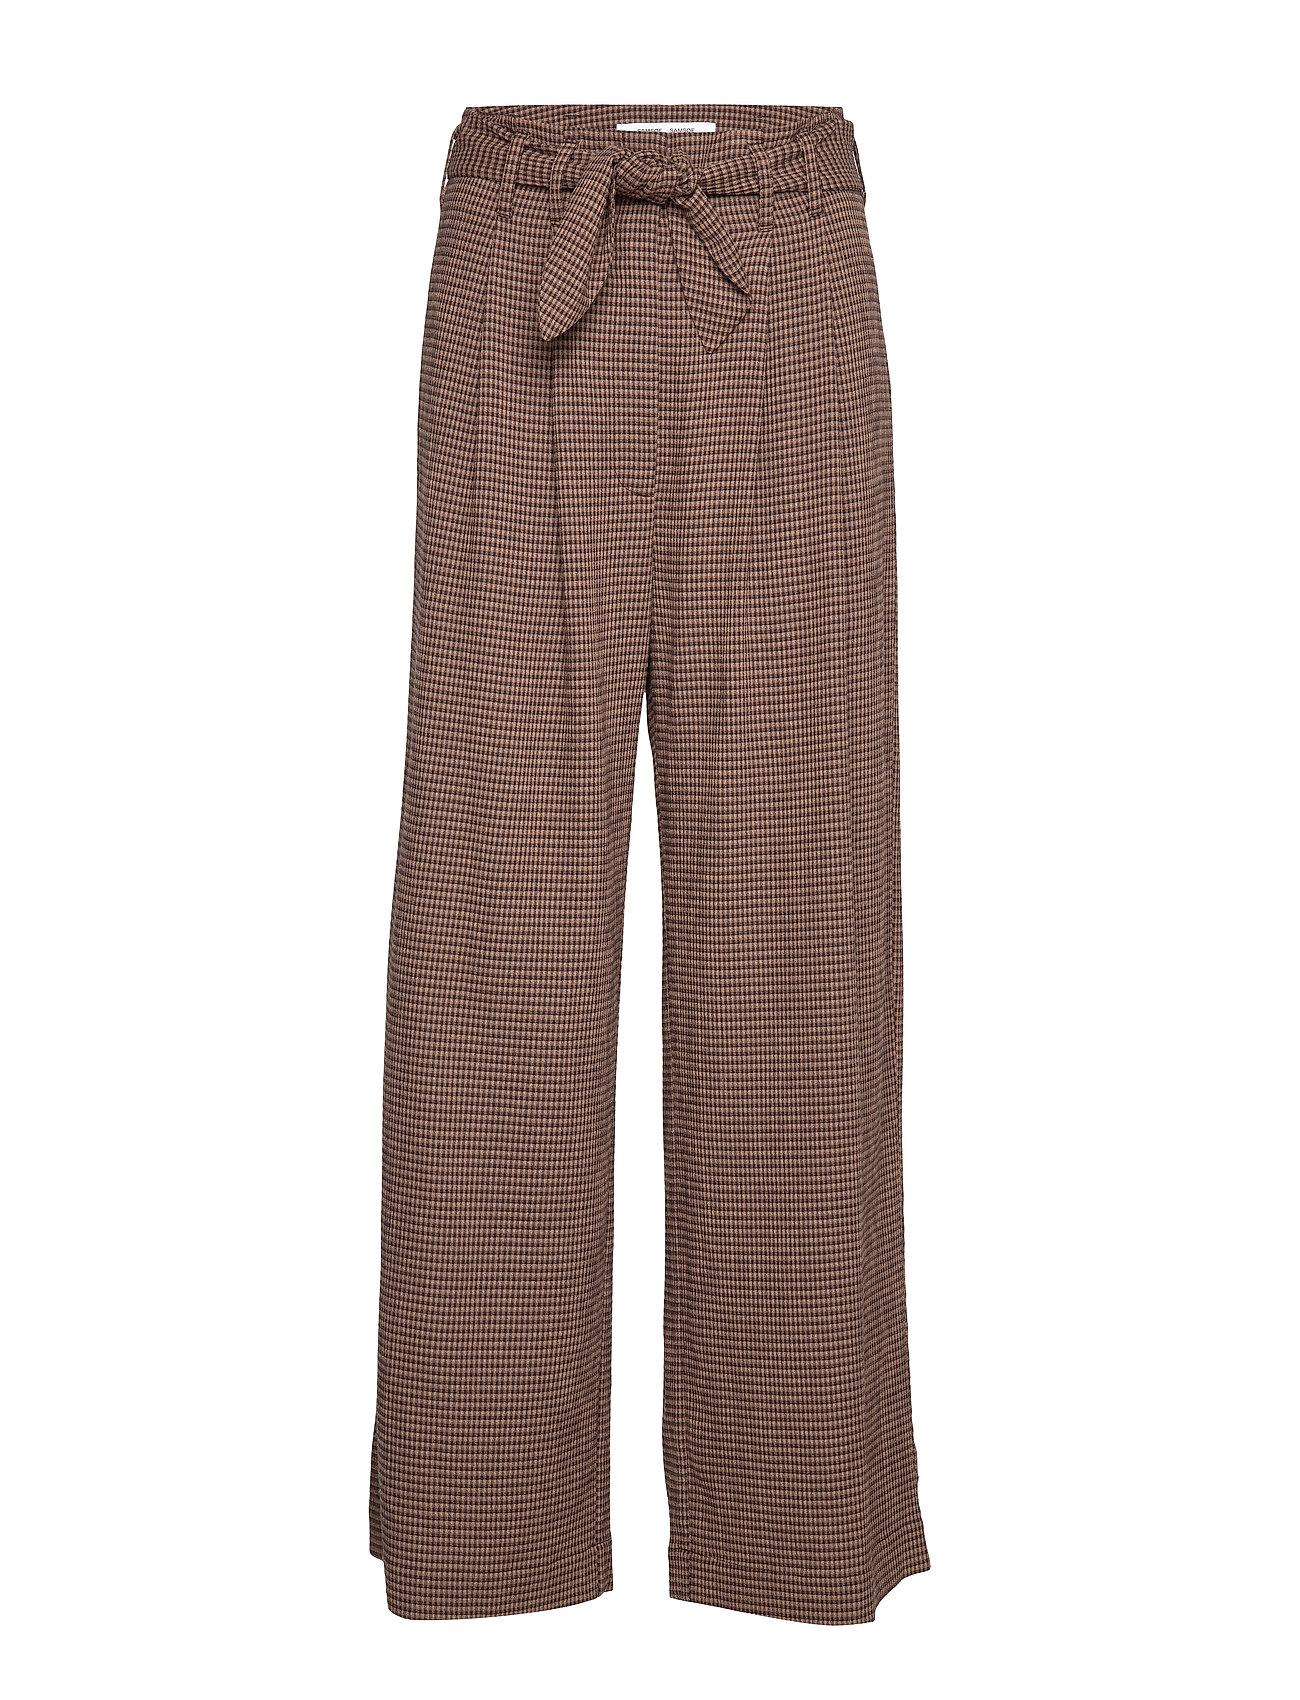 Samsøe & Samsøe Nellie trousers 11238 - ARGAN CHECK